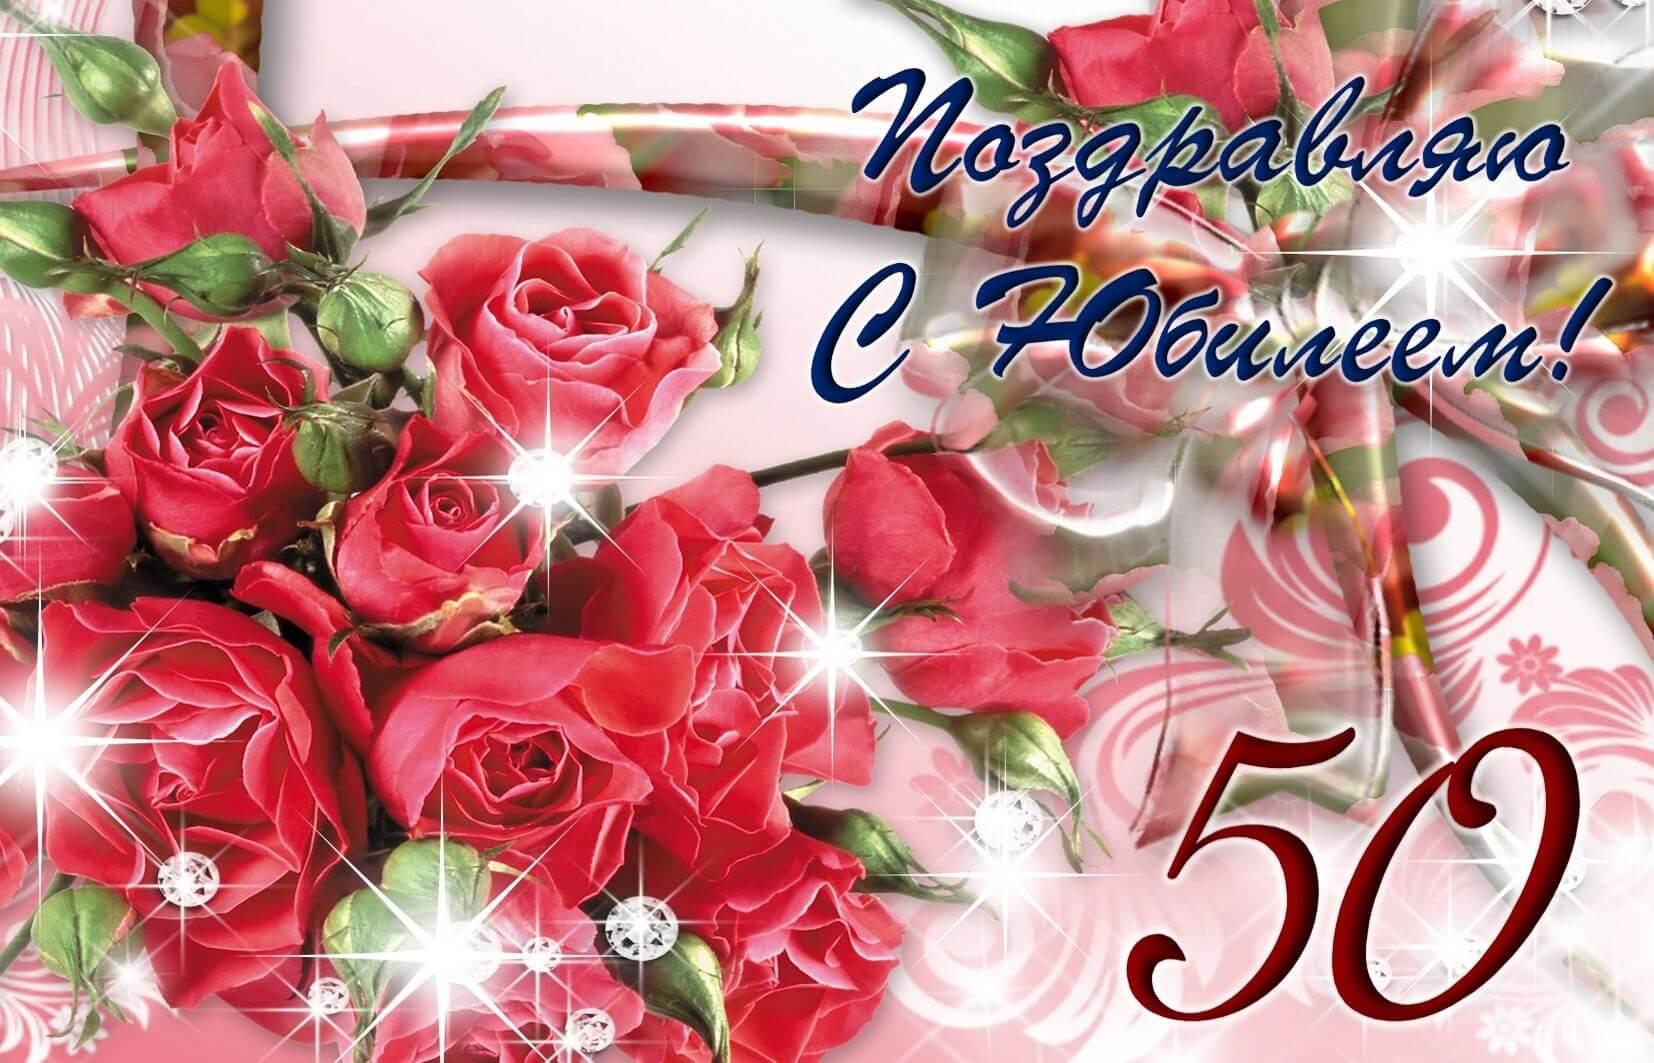 Скачать красивую открытку с юбилеем женщине с пожеланиями 08